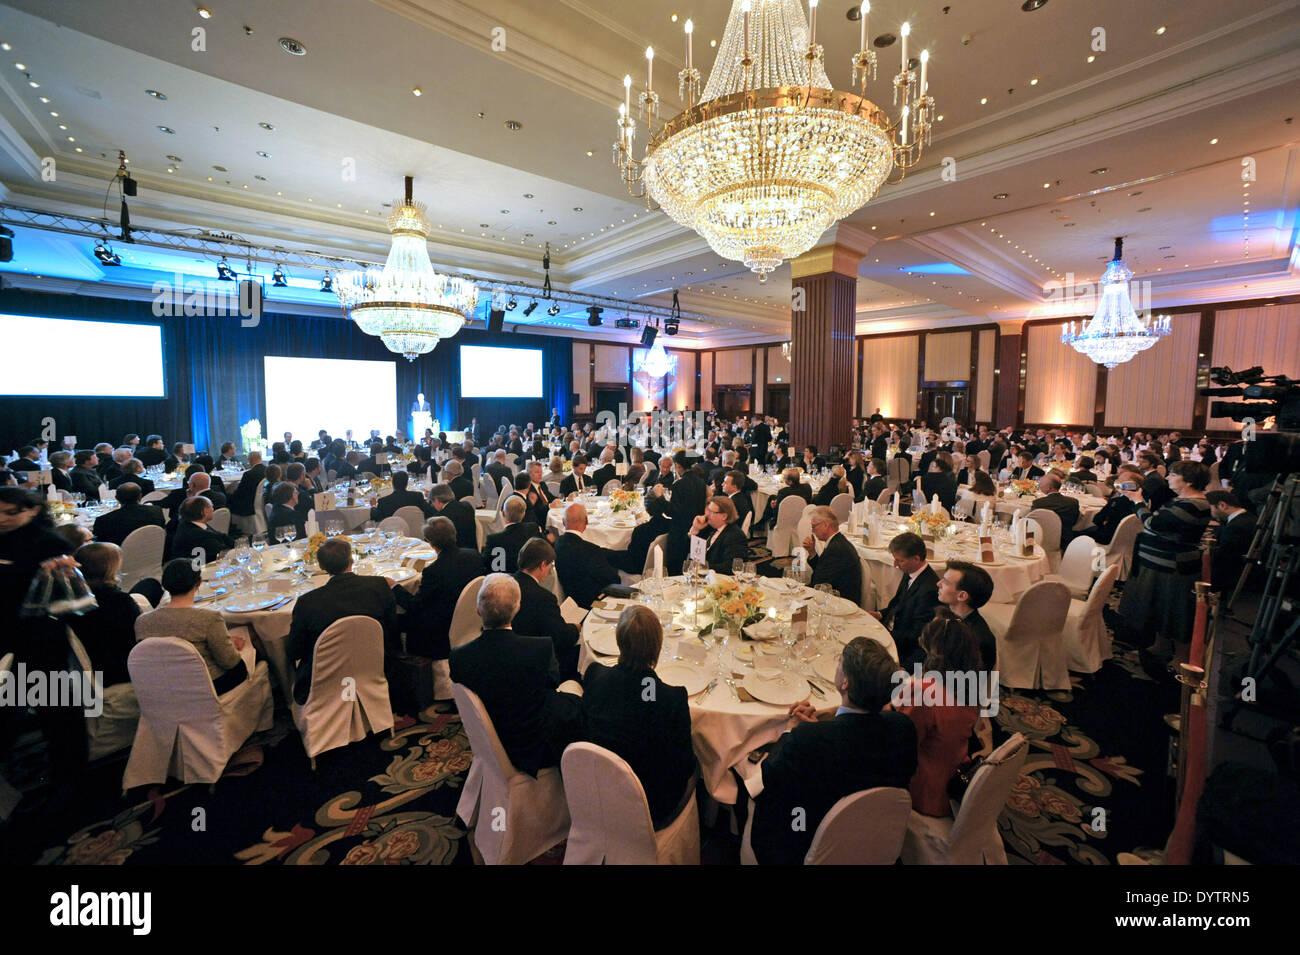 Gala Luncheon - Stock Image